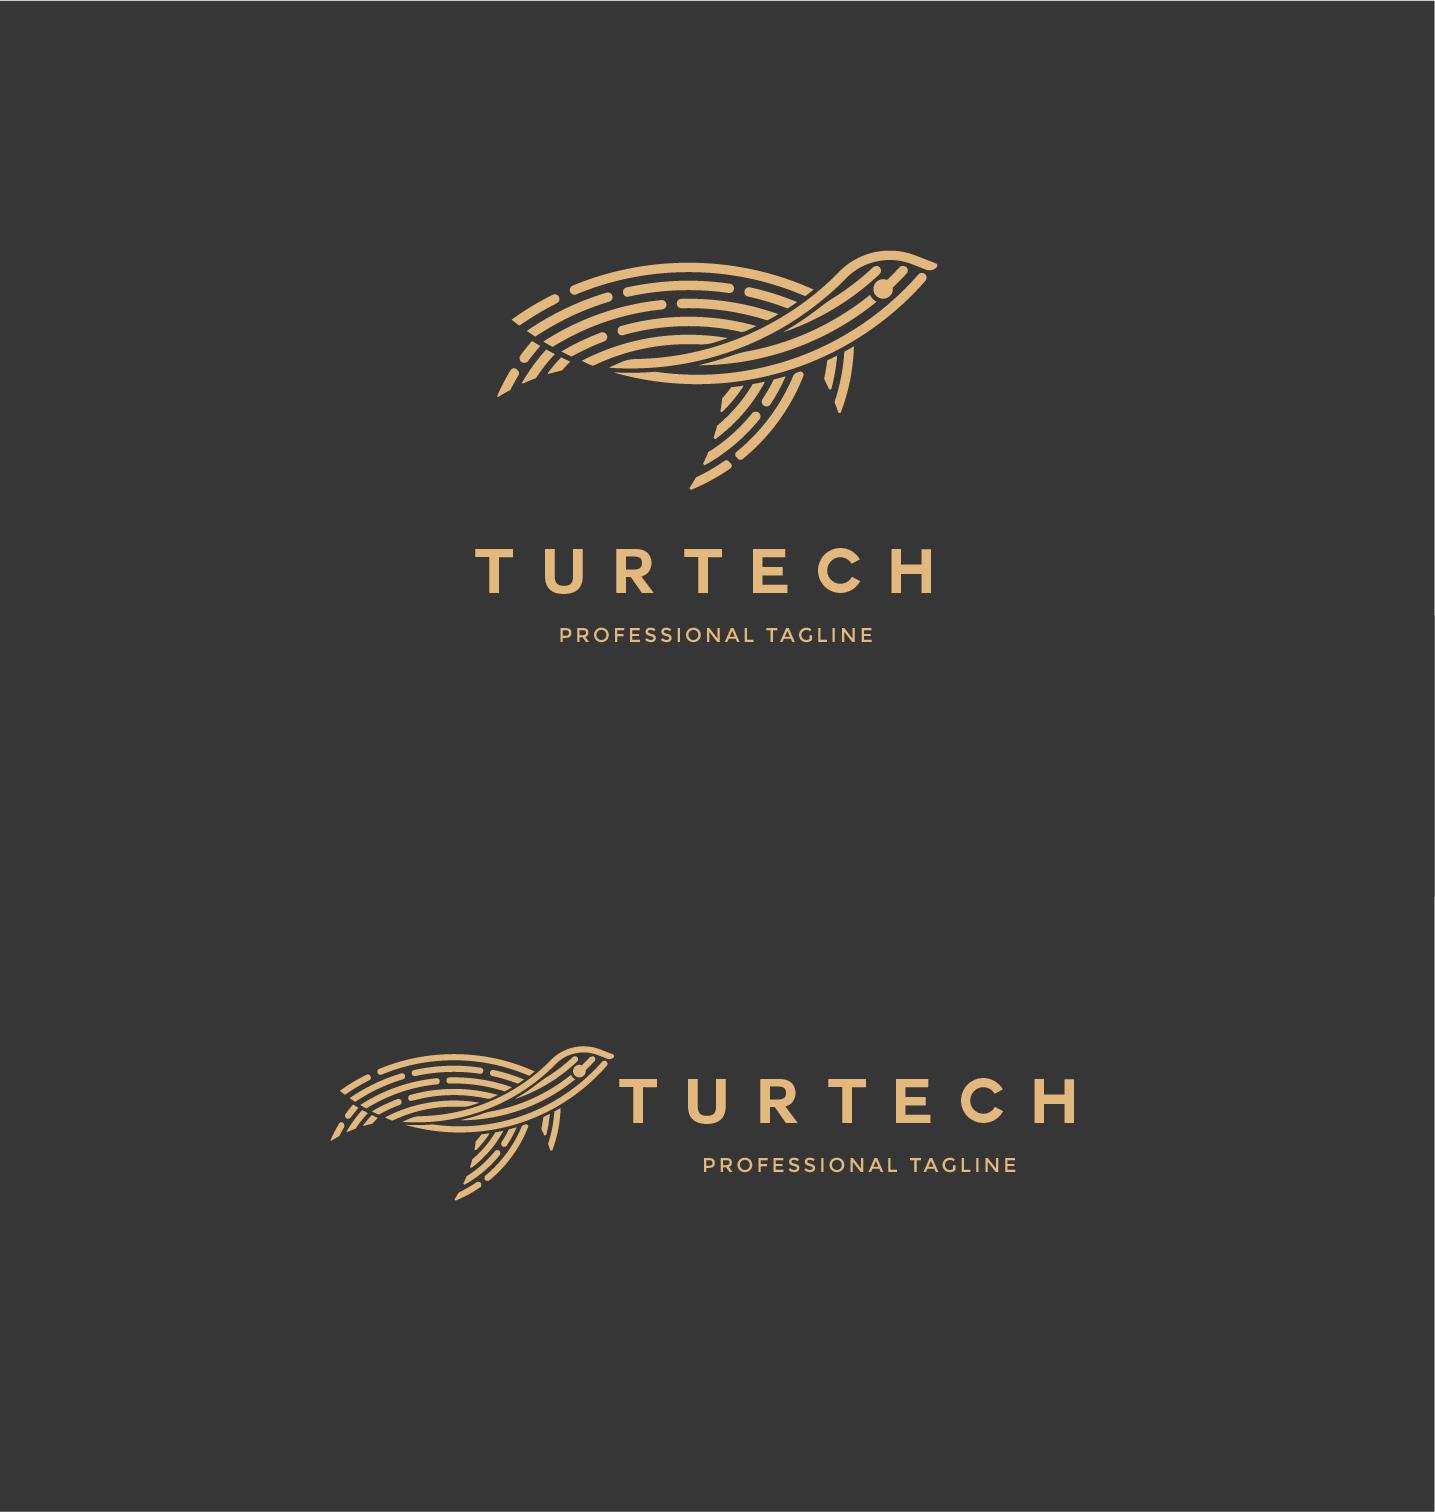 Animal Logo - Turtle Logo example image 3